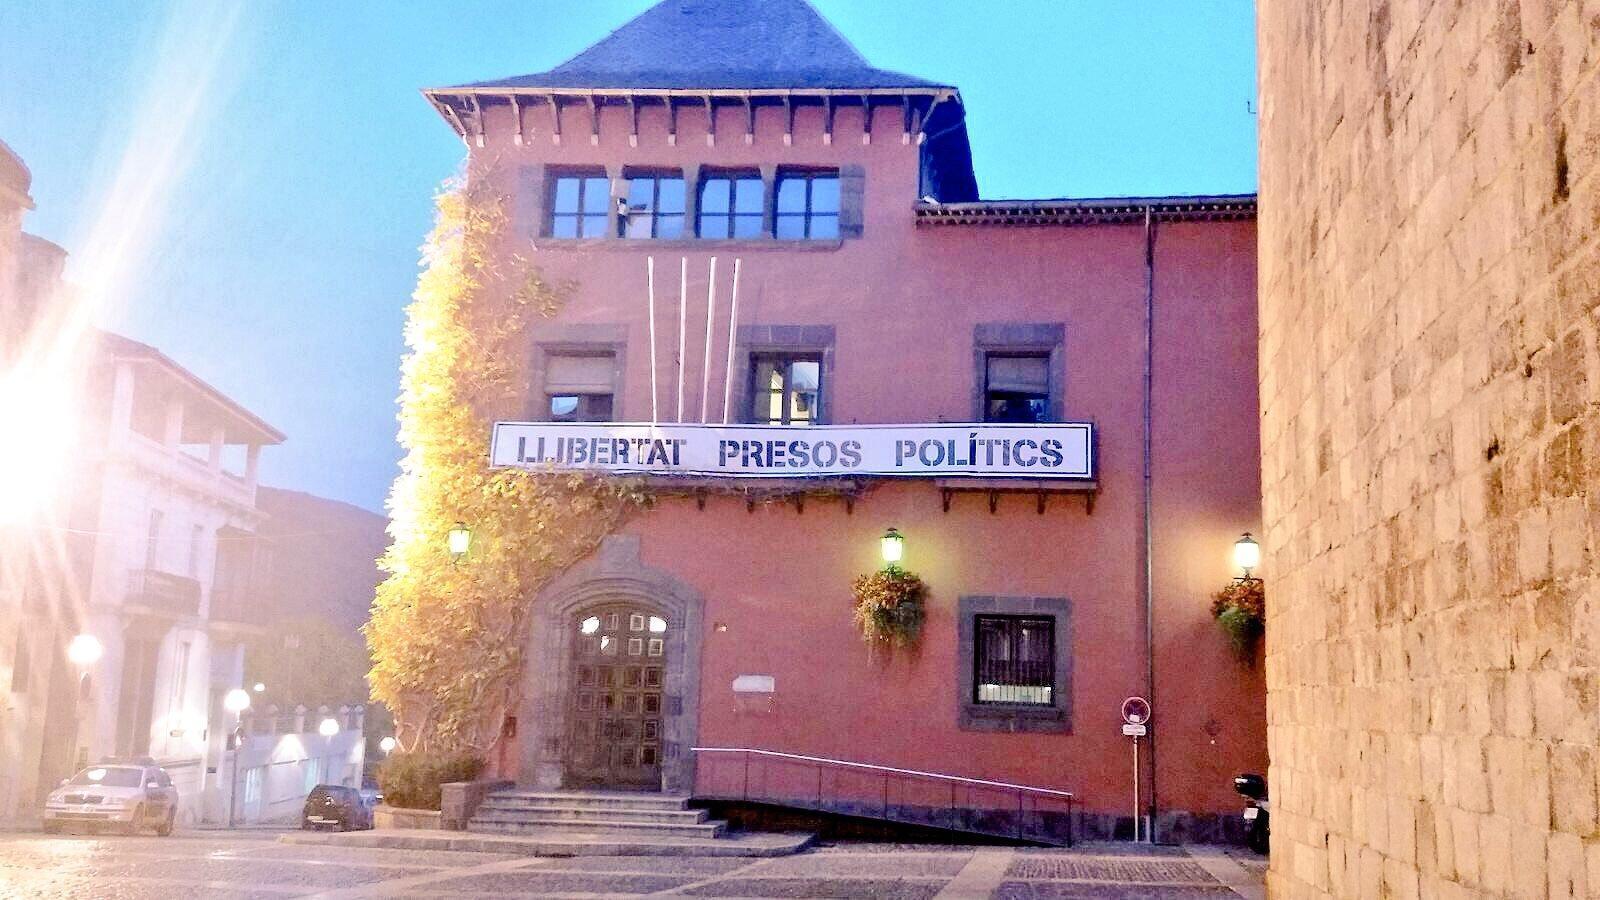 La pancarta a l'edifici de l'ajuntament de la Seu d'Urgell. / @ALBERTBATALLA